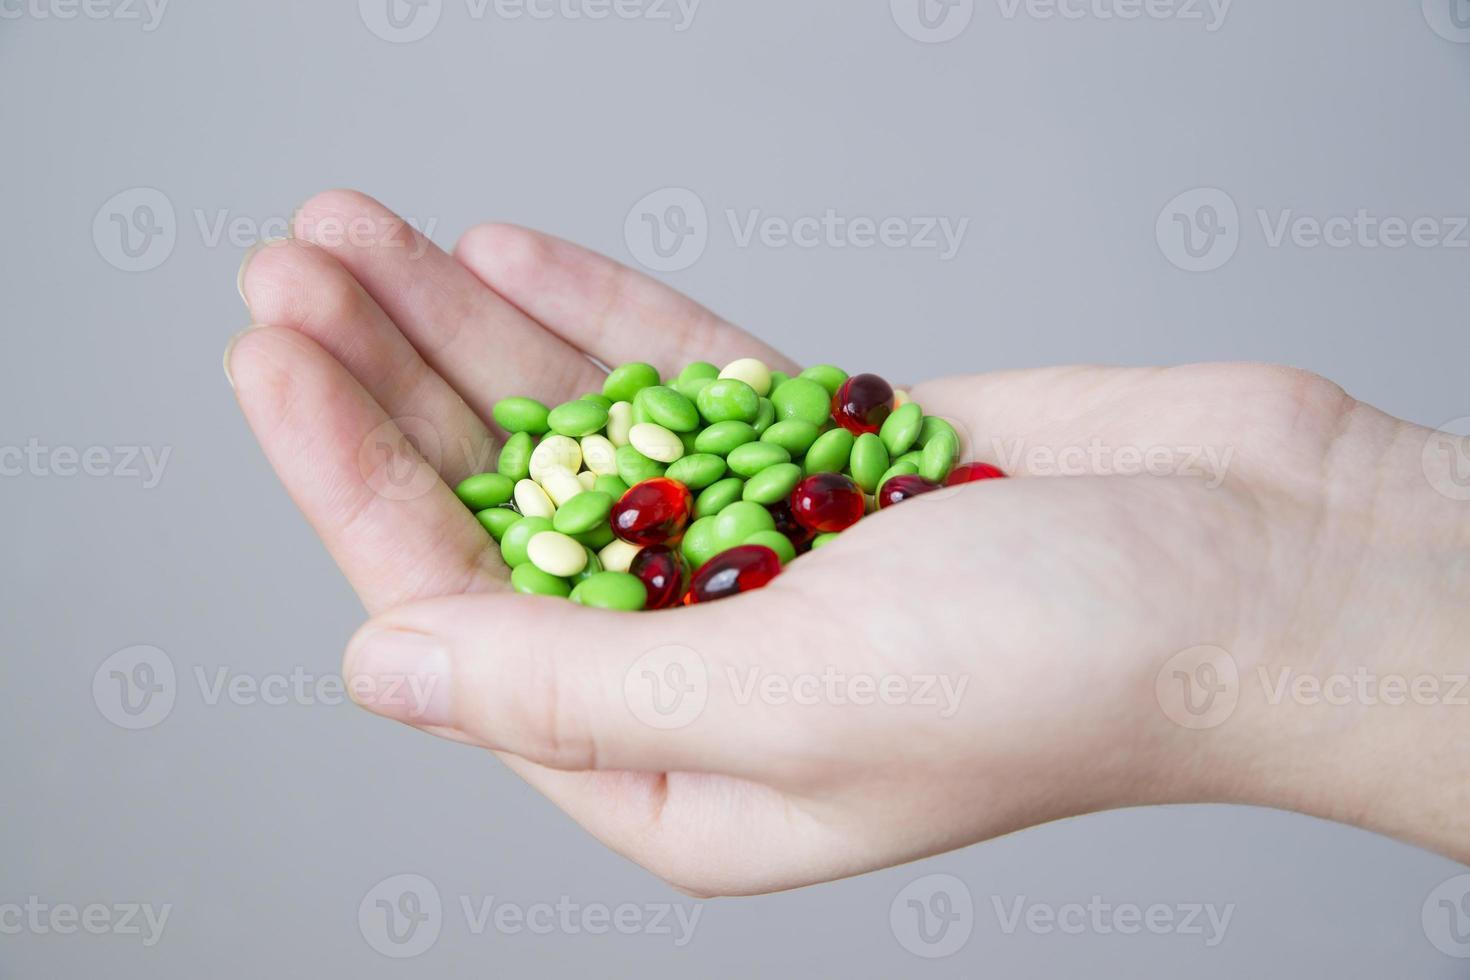 pastillas en mano de mujer foto